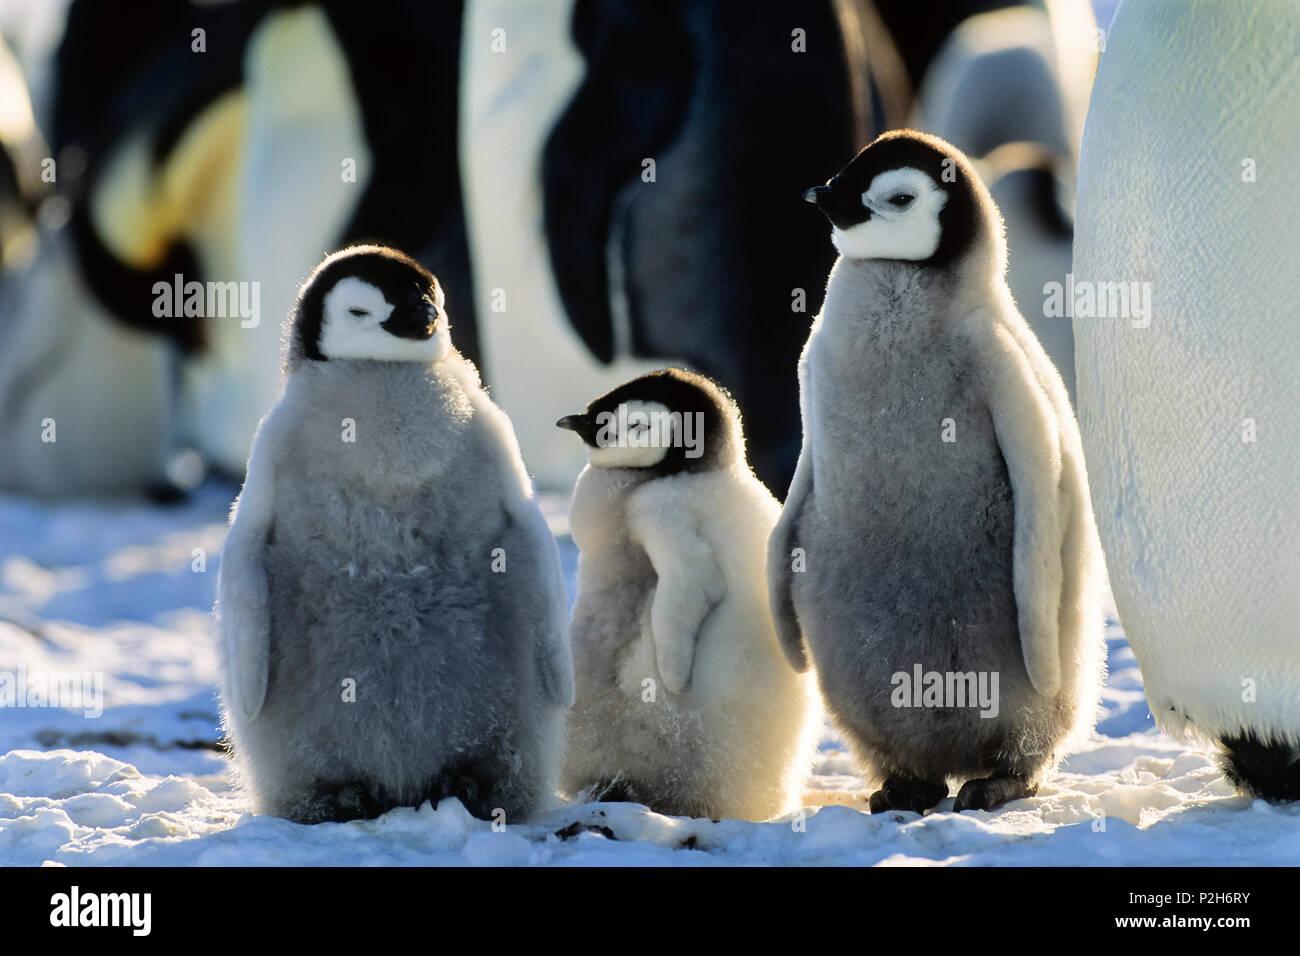 Pinguino imperatore pulcini, Aptenodytes forsteri, Mare di Weddell, Antartide Immagini Stock